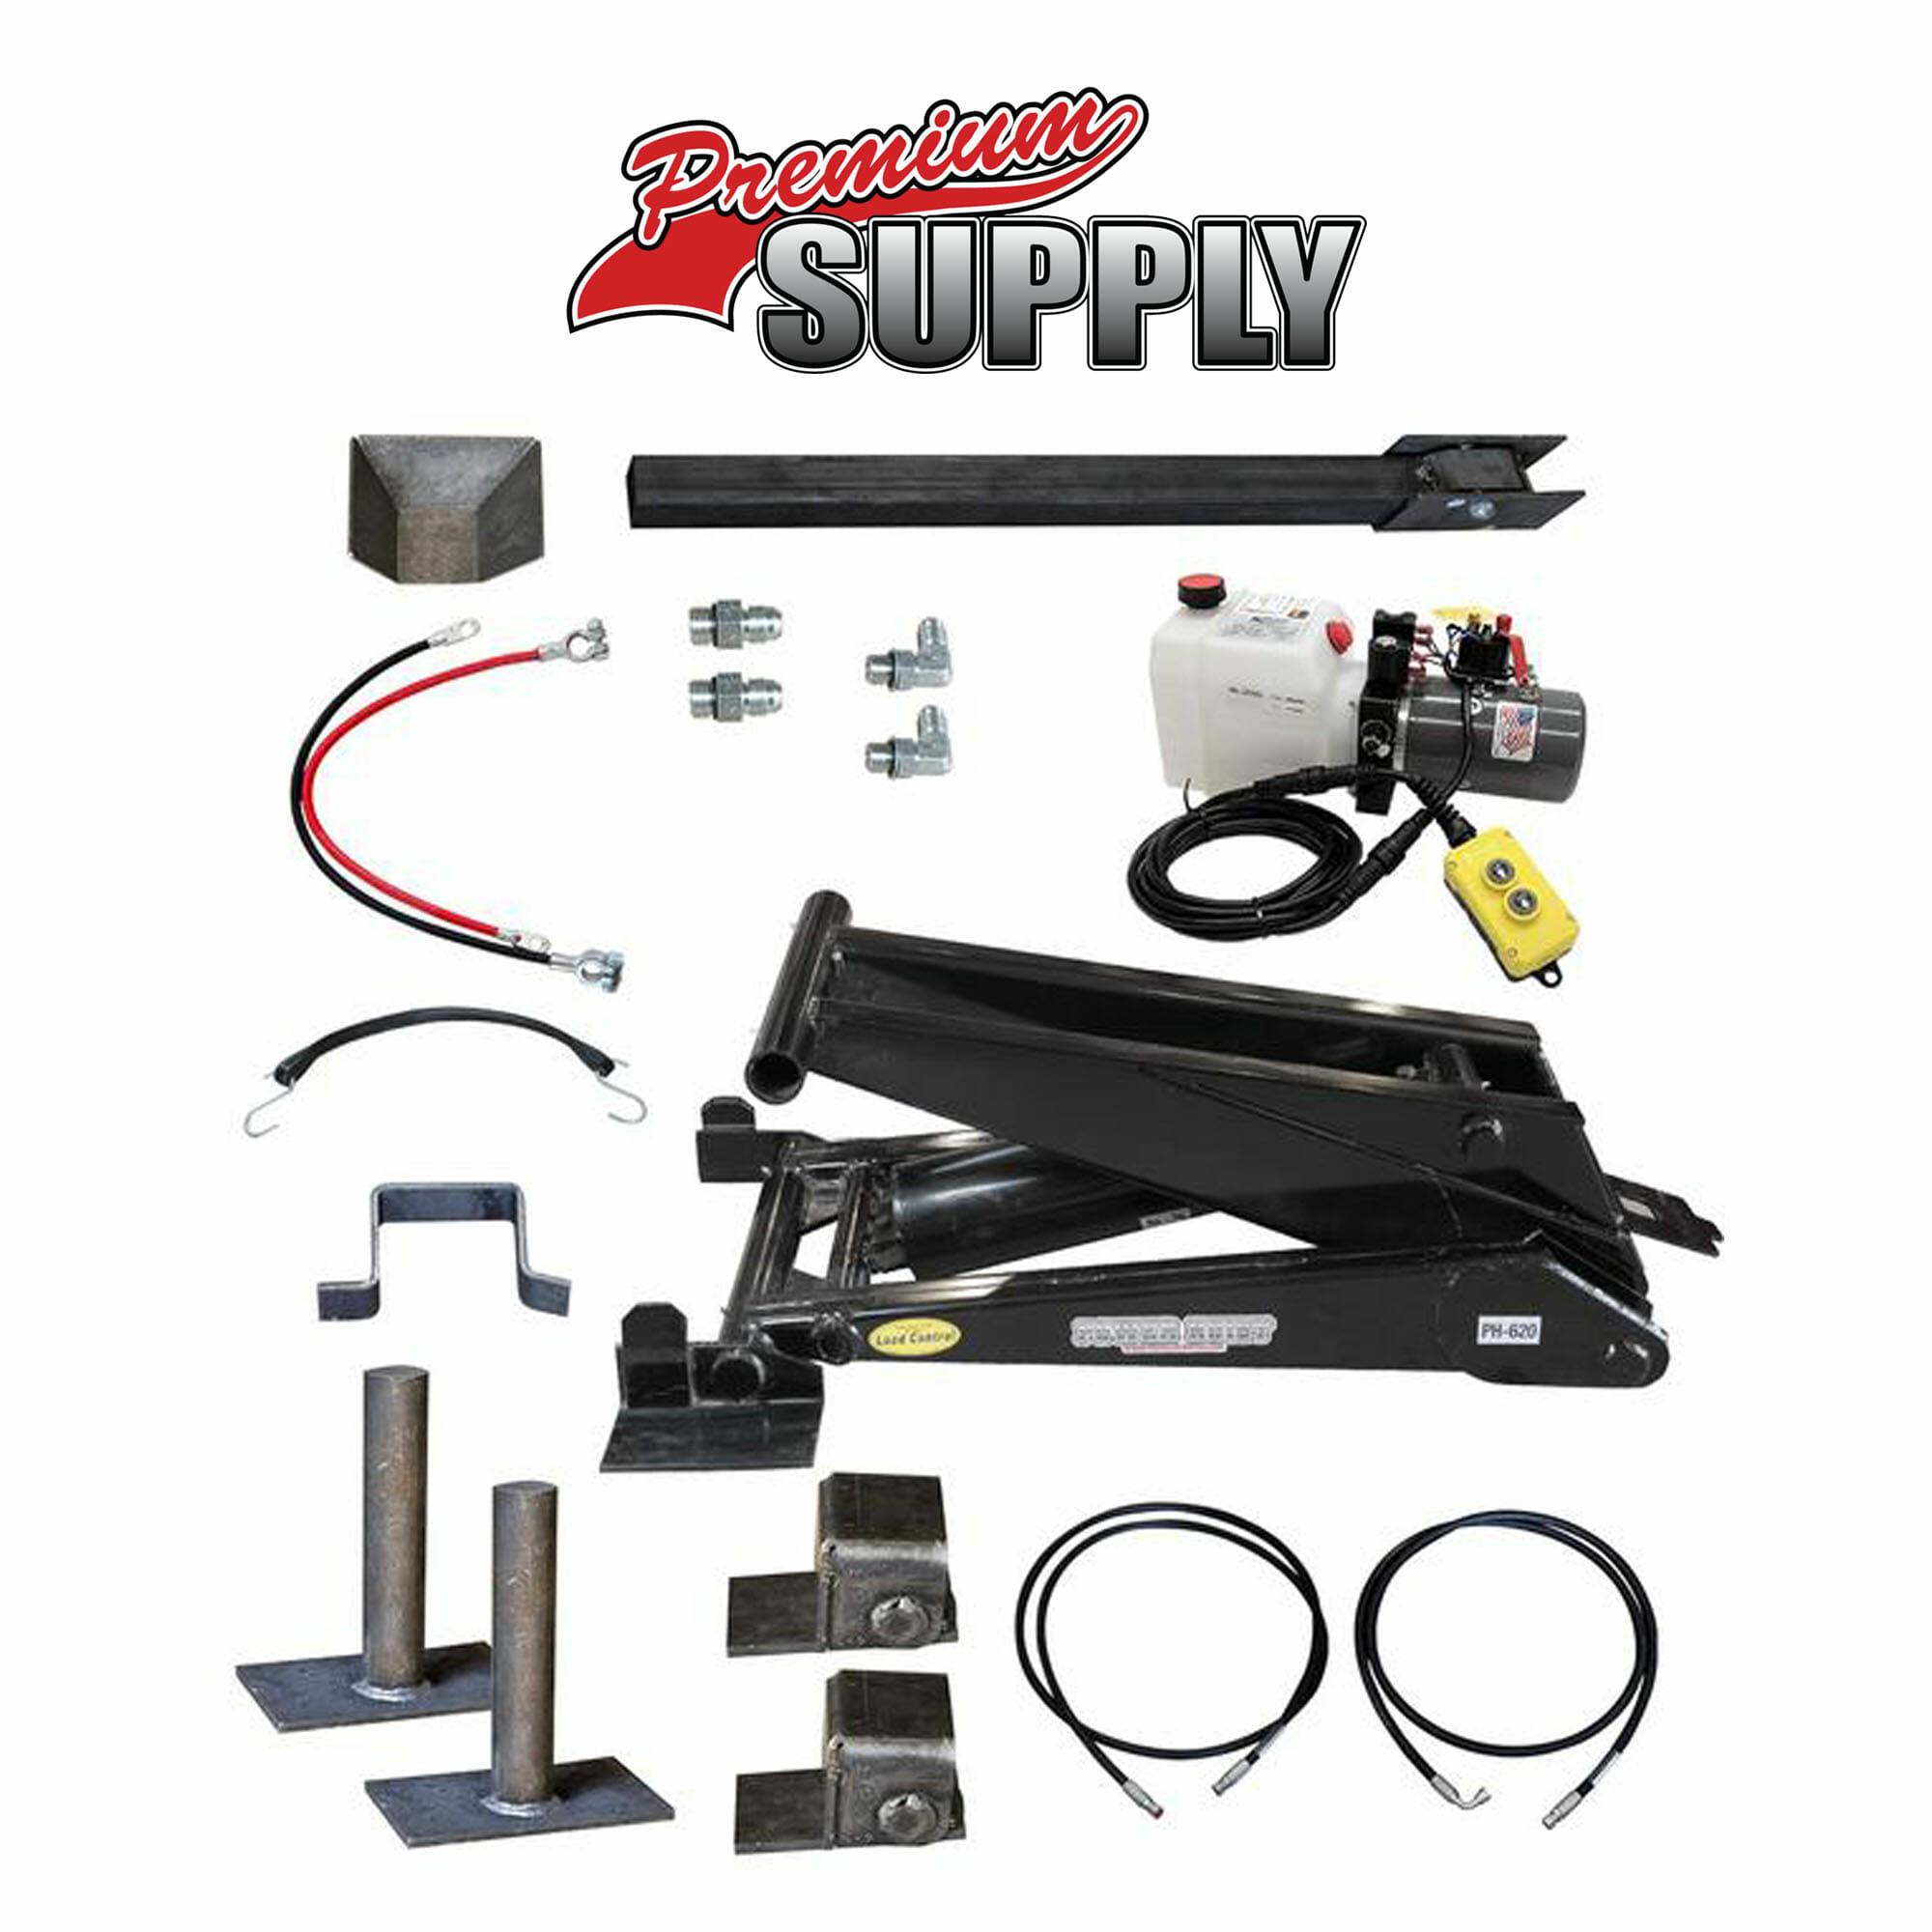 Hydraulic Trailer Lift Kits : Ton lb dump trailer hydraulic scissor hoist